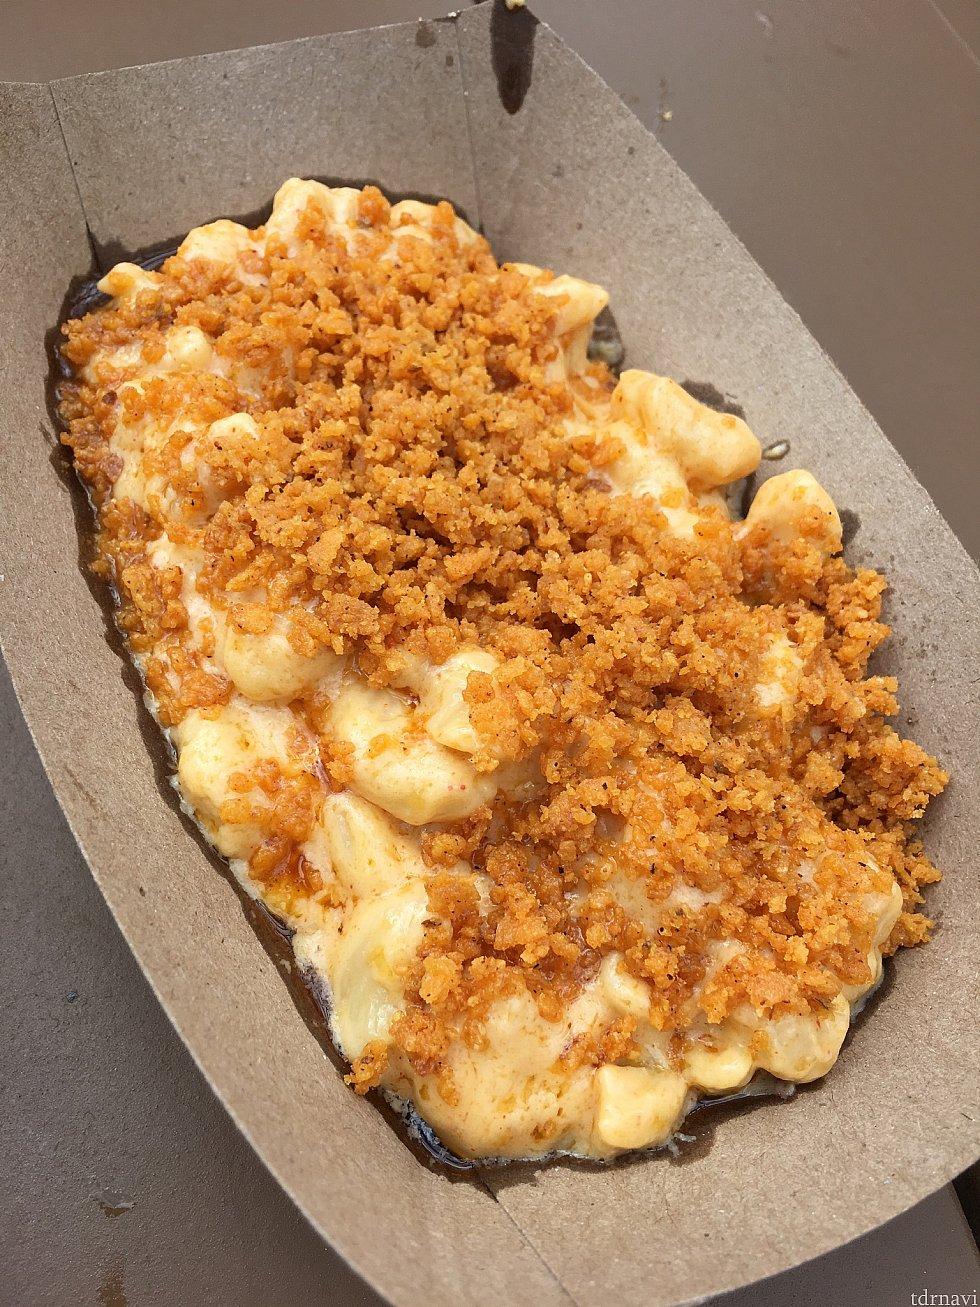 [PEPPERS CALI-ENTE]のマカロニチーズ。美味しかったけど、火を吹いちゃうほど辛かった💦